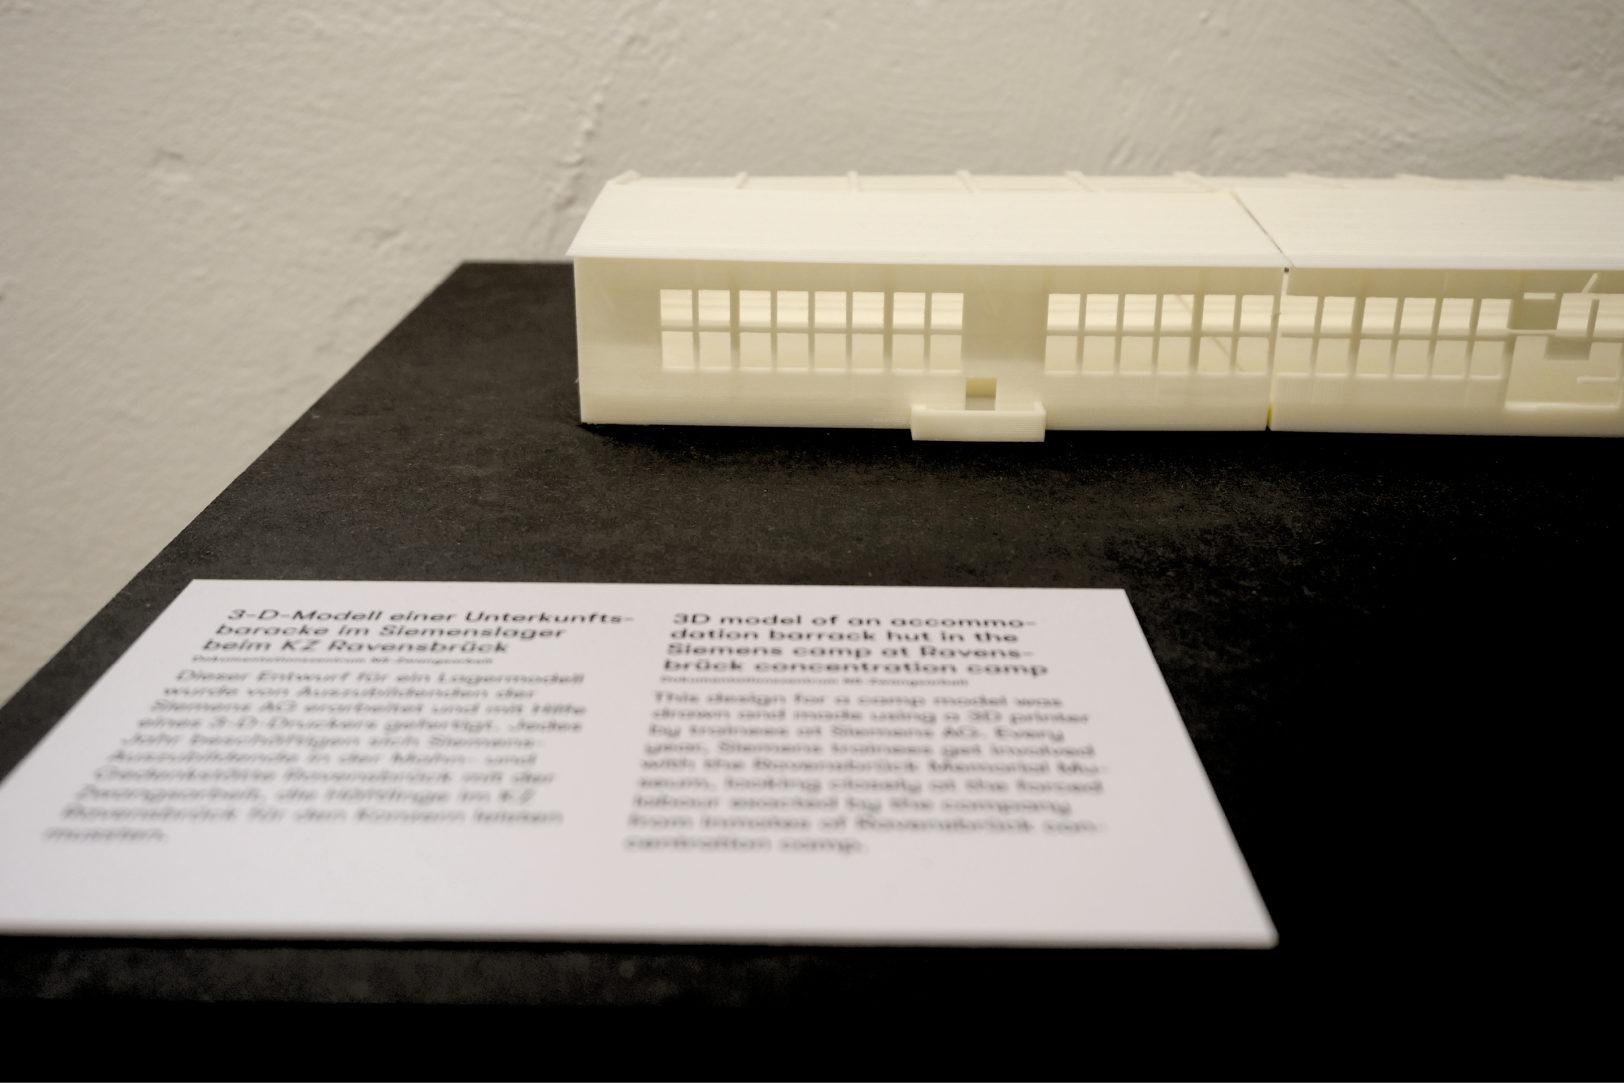 http://e-o-t.de/wordpress/wp-content/uploads/2020/04/Exhibition-Ausgeschlossen-eot-15.jpg